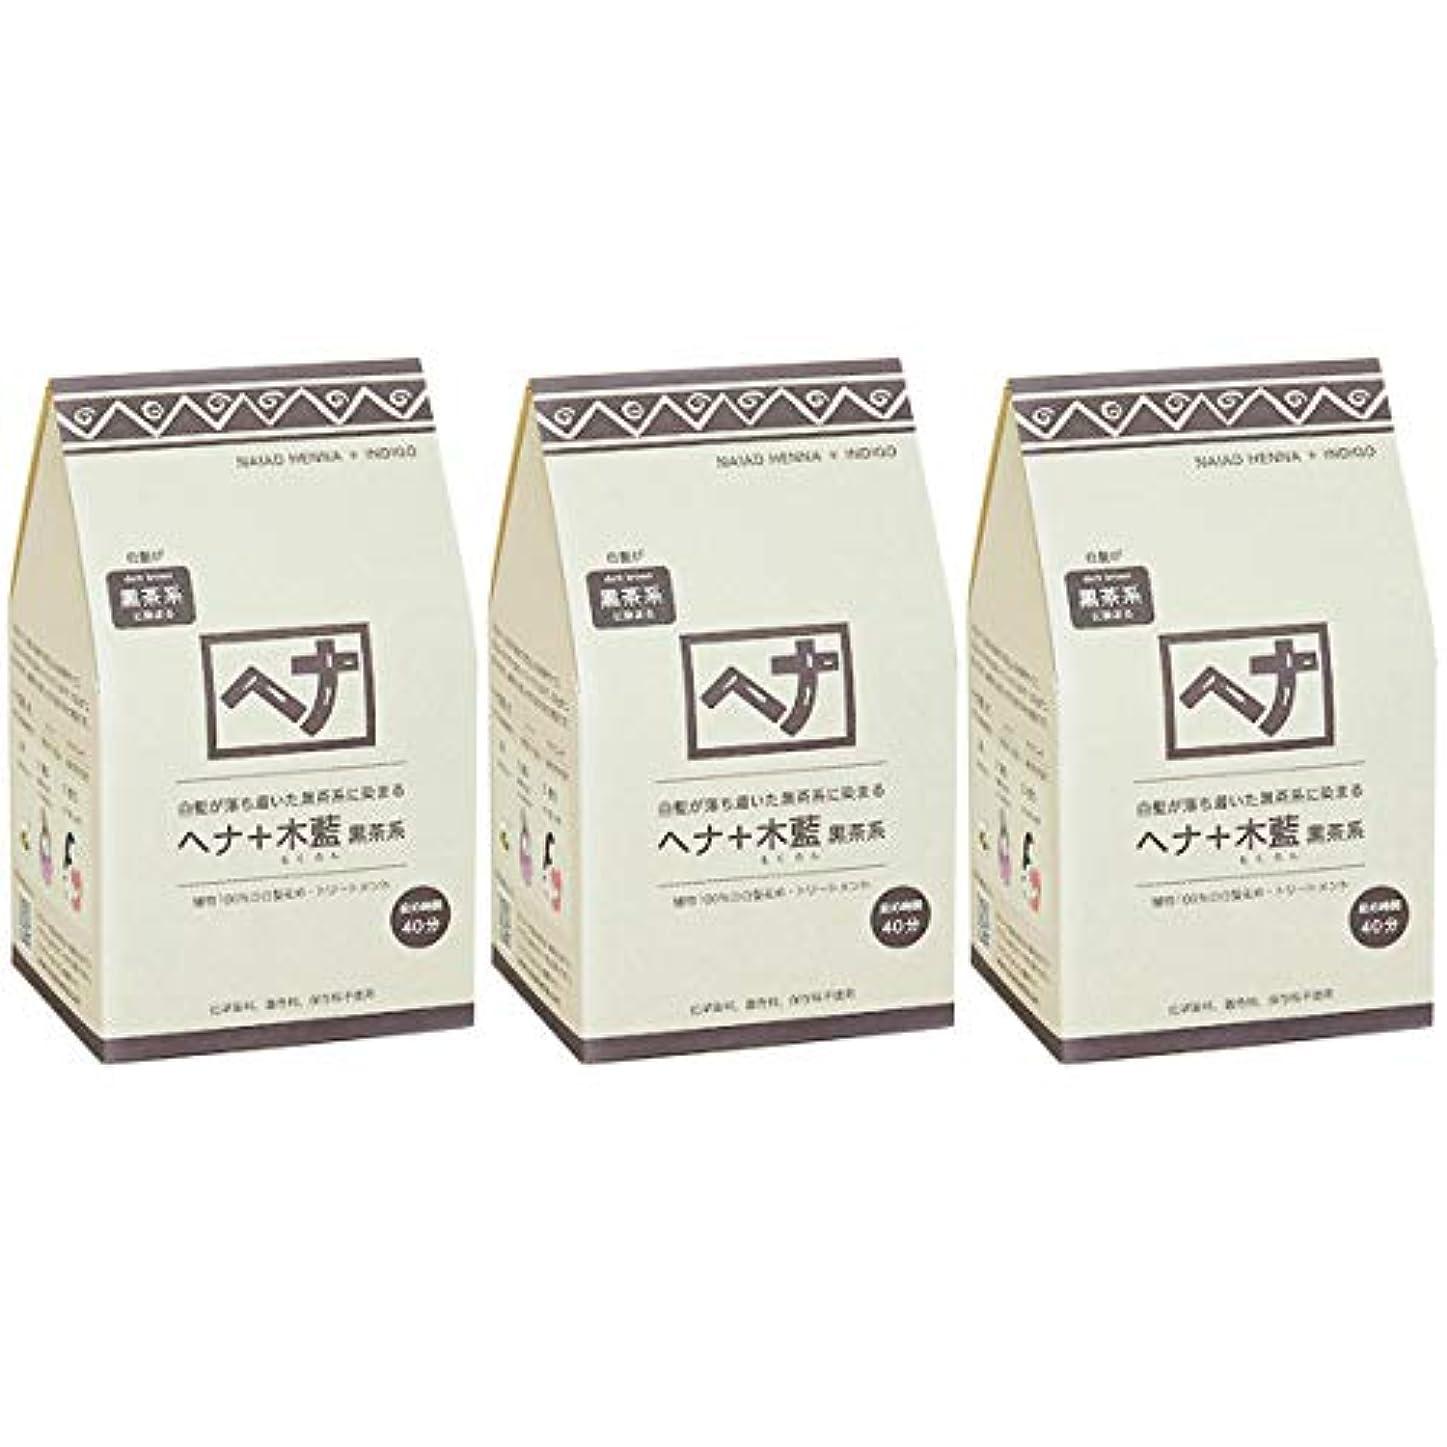 引き受けるインペリアル甘美なナイアード ヘナ + 木藍 黒茶系 白髪が落ち着いた黒茶系に染まる 400g 3個セット